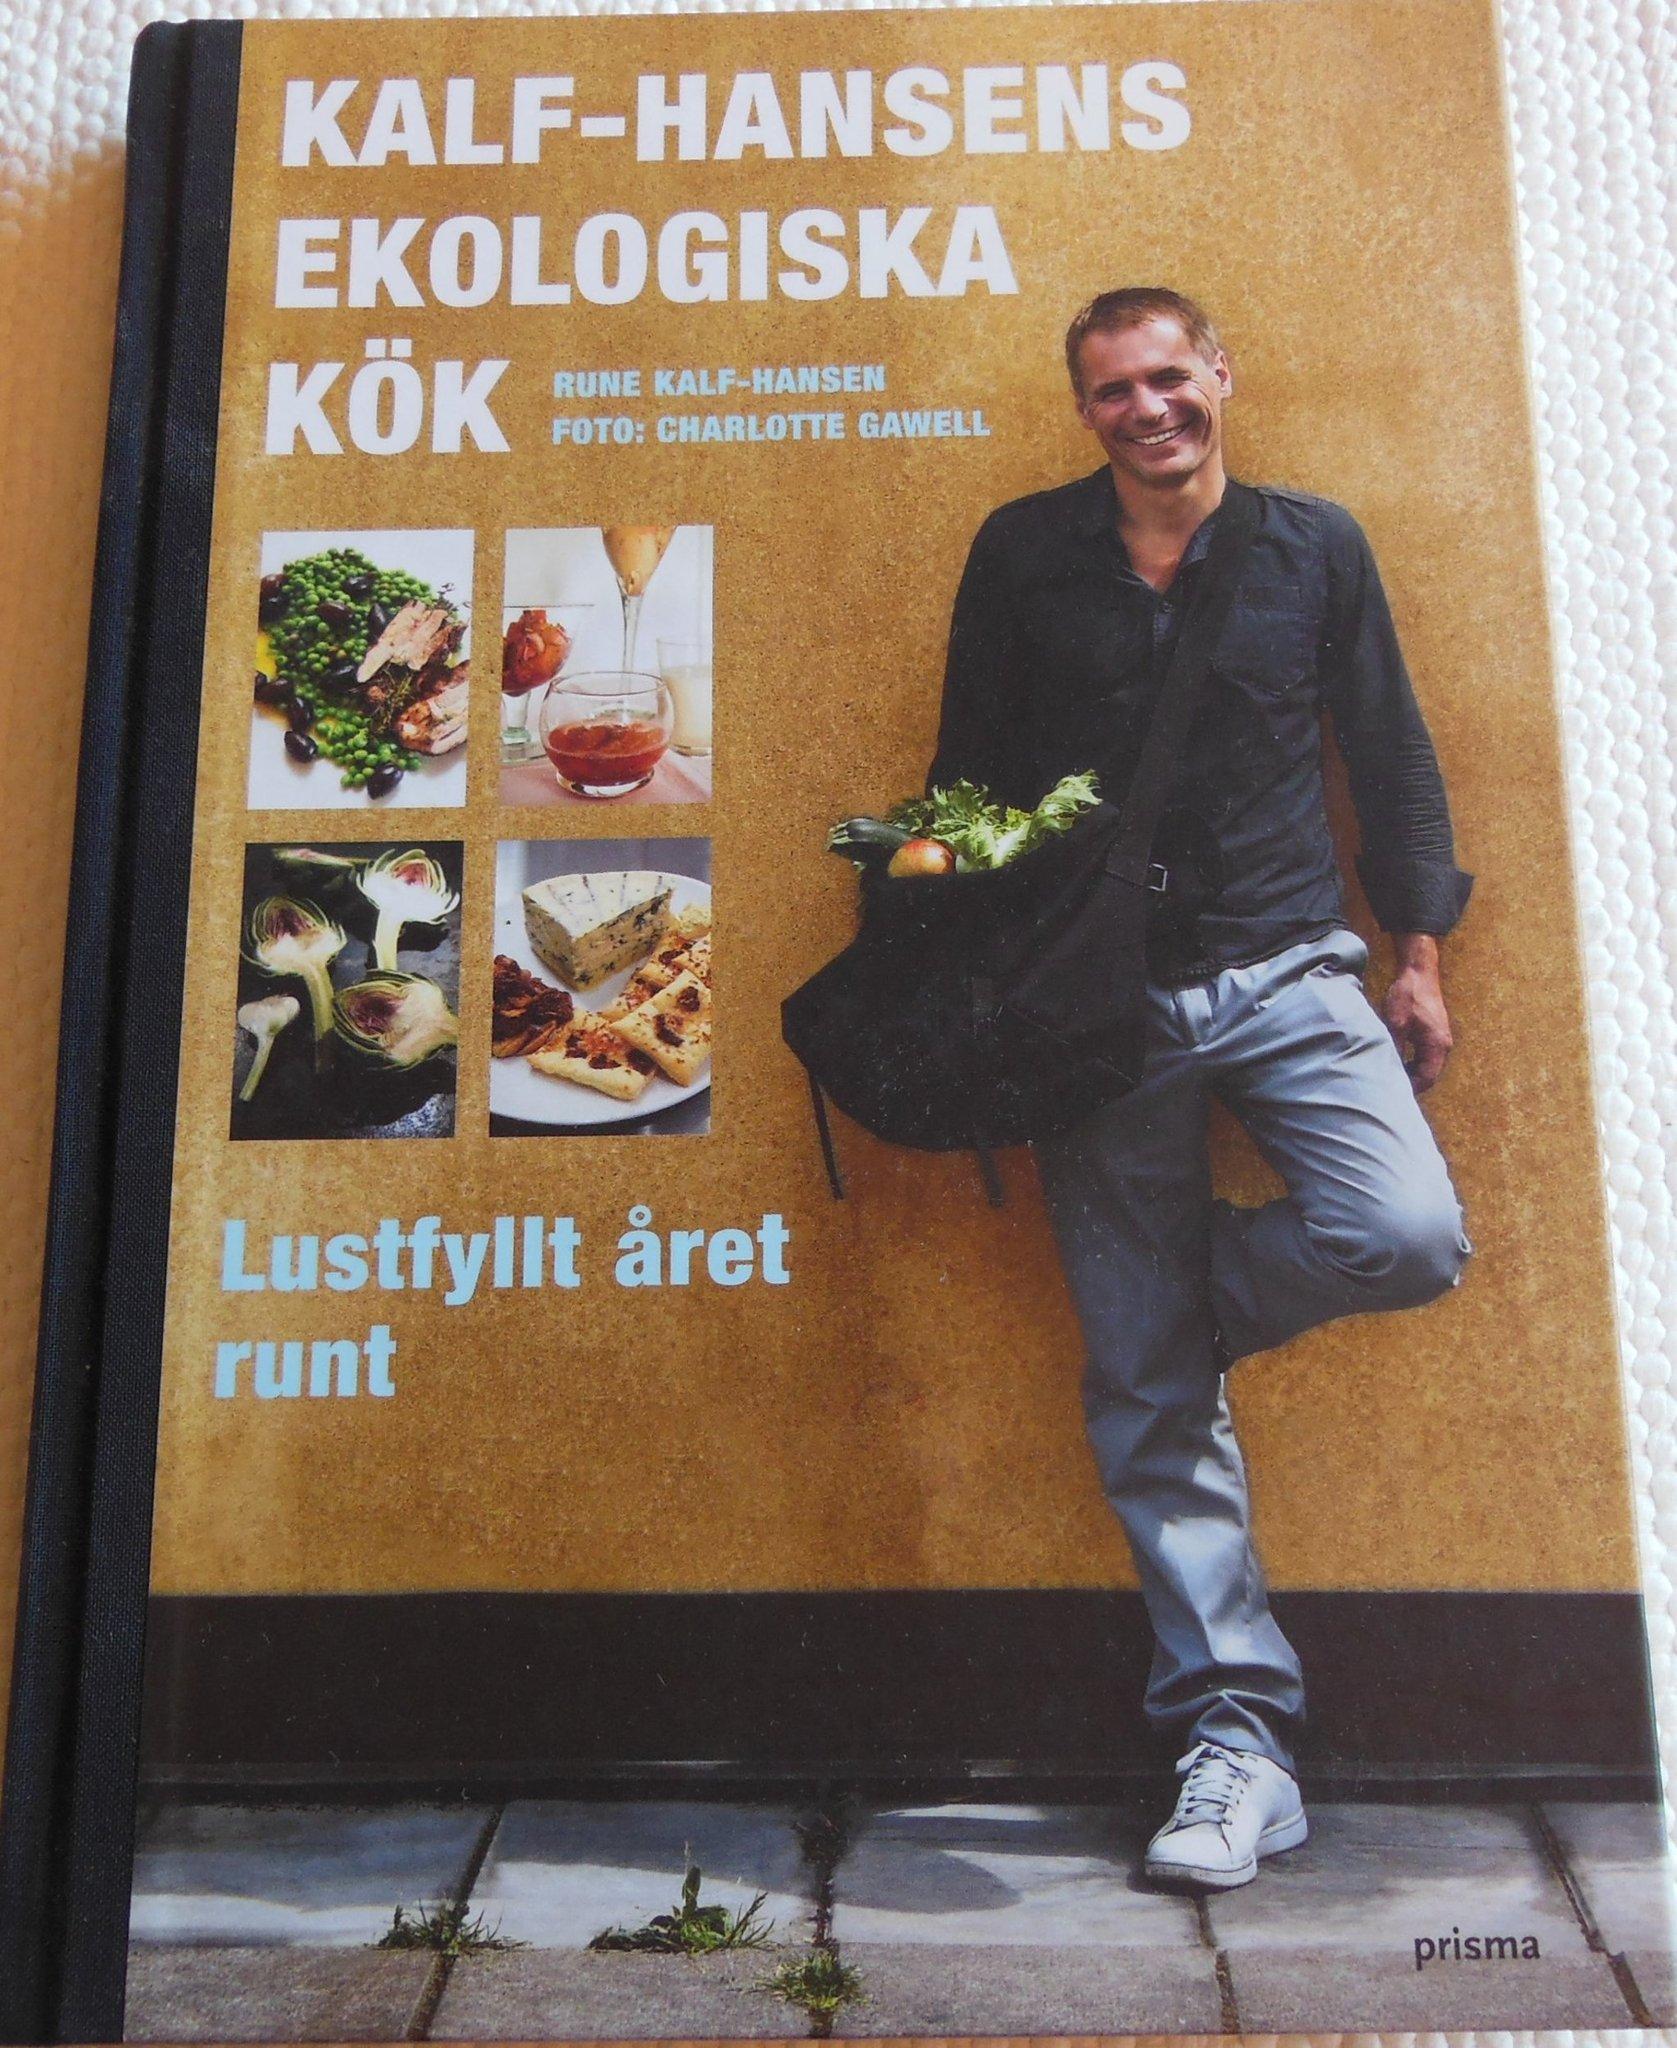 4a4607a2283 Kalf-Hansens Ekologiska Kök, Lustfyllt året run.. (350458080) ᐈ Köp ...